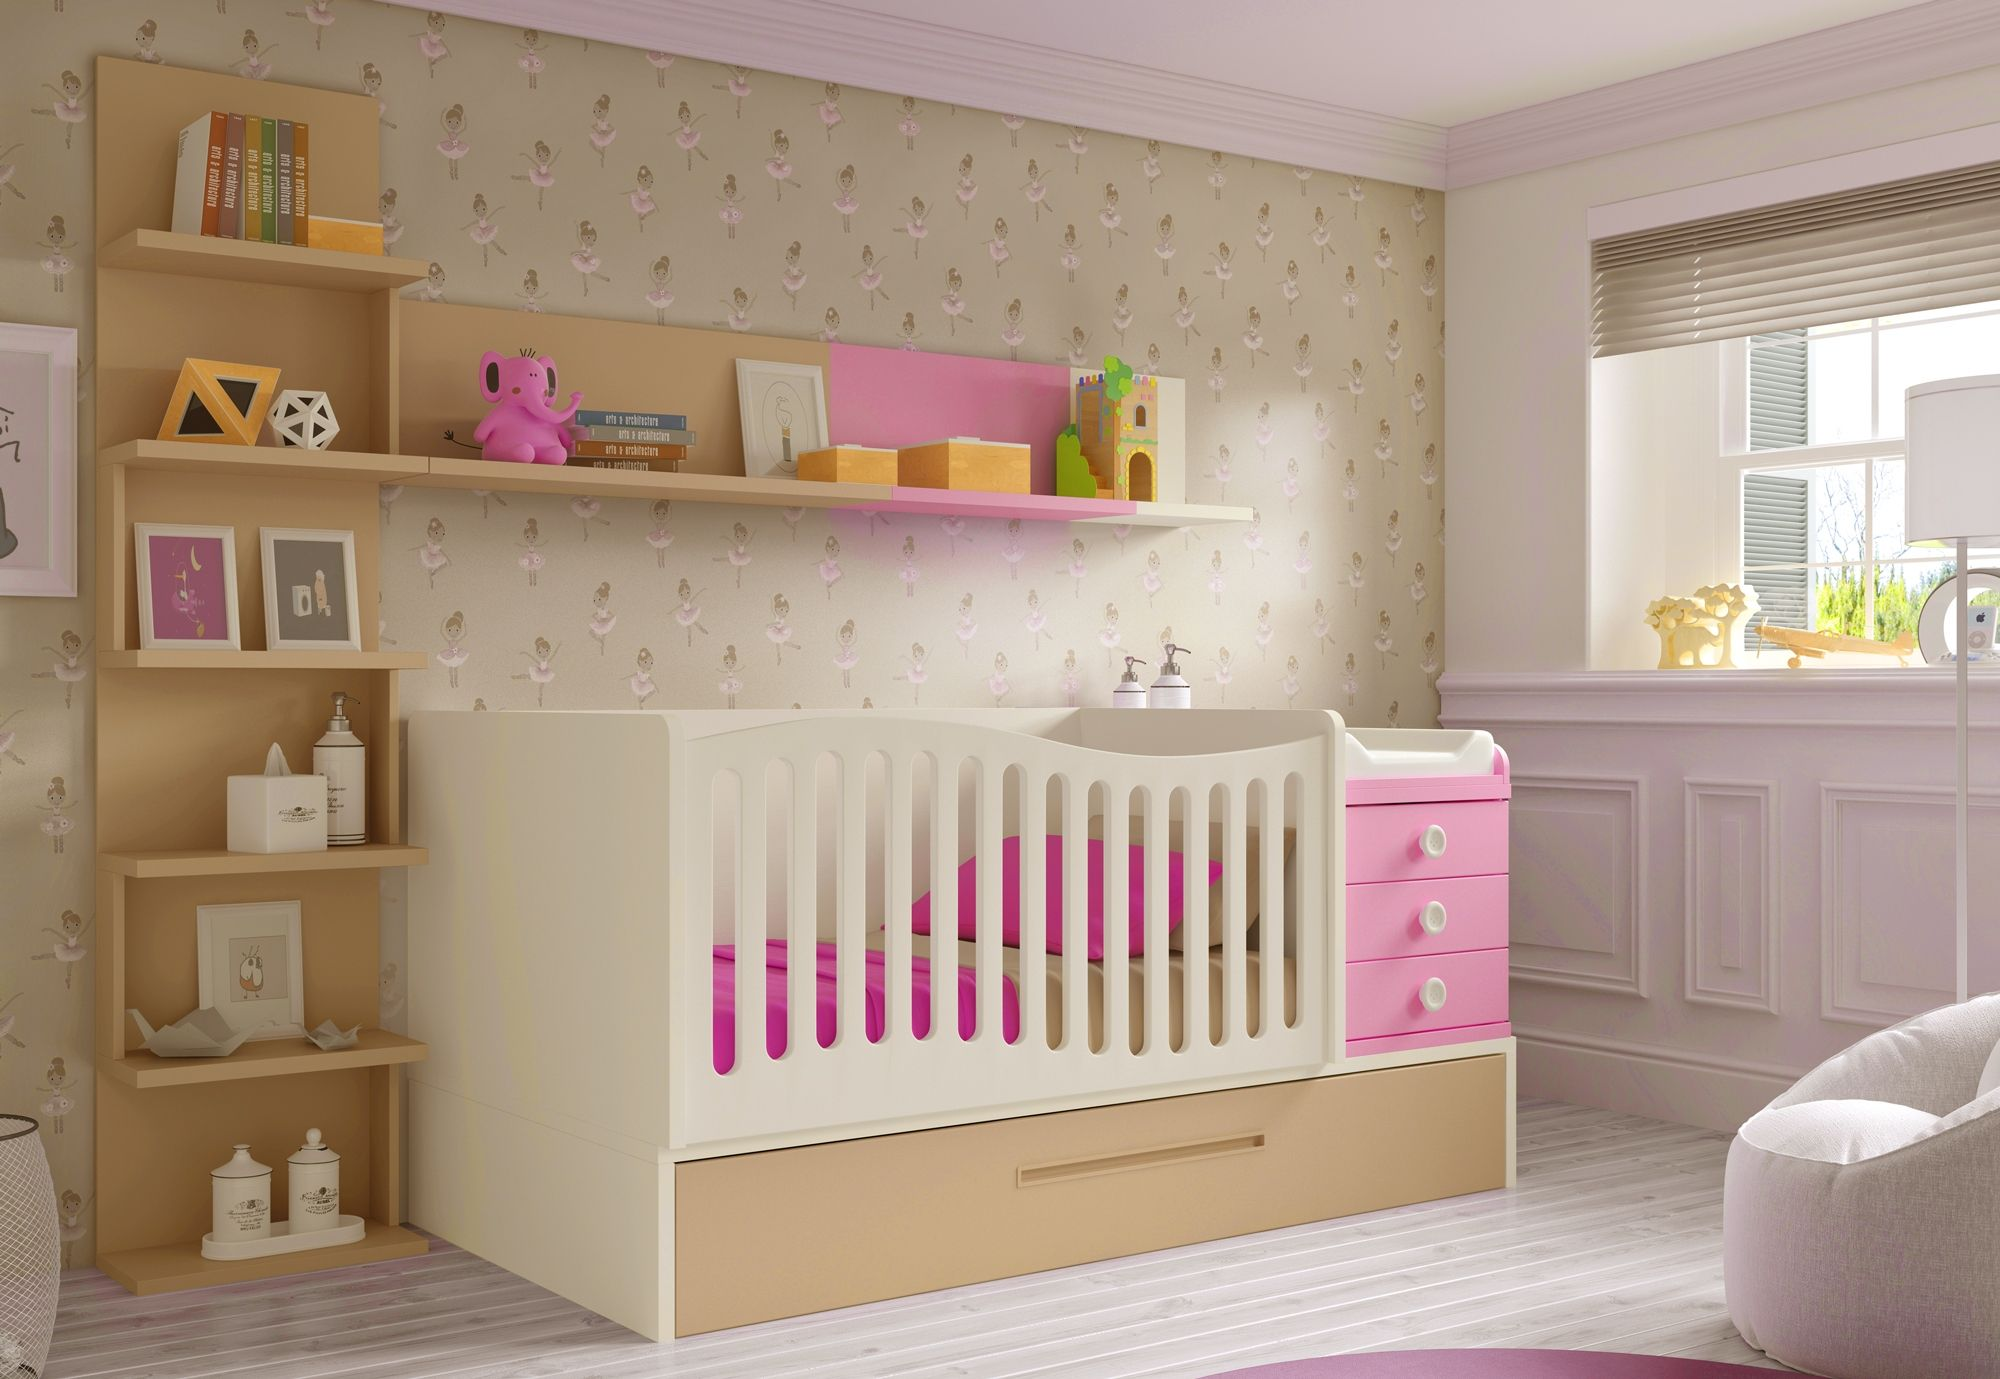 fourniture pour chambre de bébé | Des idées d\'aménagement et de ...